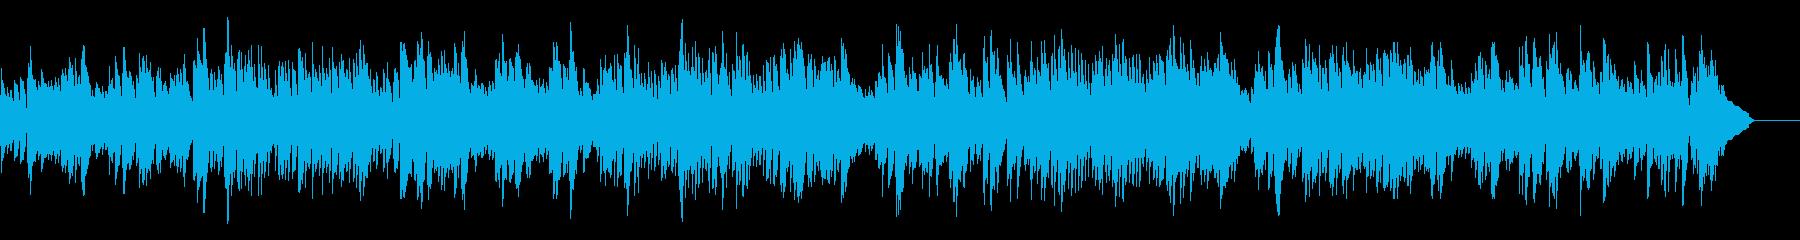 バッハ_インヴェンション第5番_ピアノの再生済みの波形